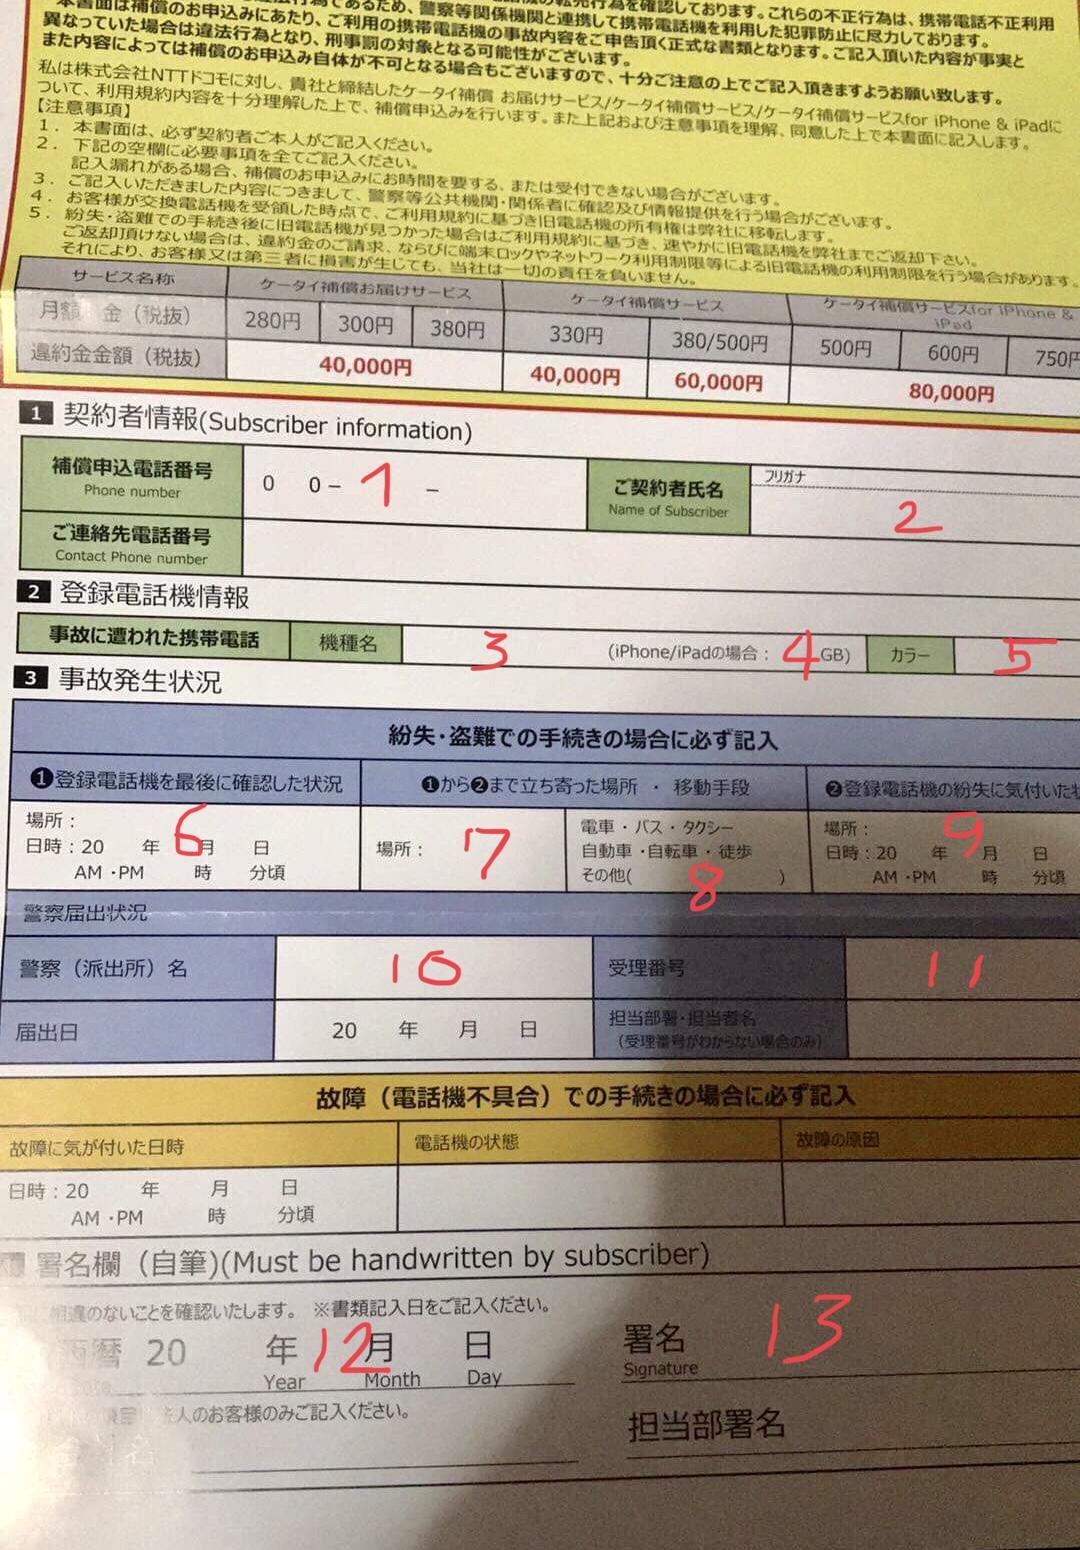 Cách báo mất máy của nhà mạng Nhật Bản diiho.com